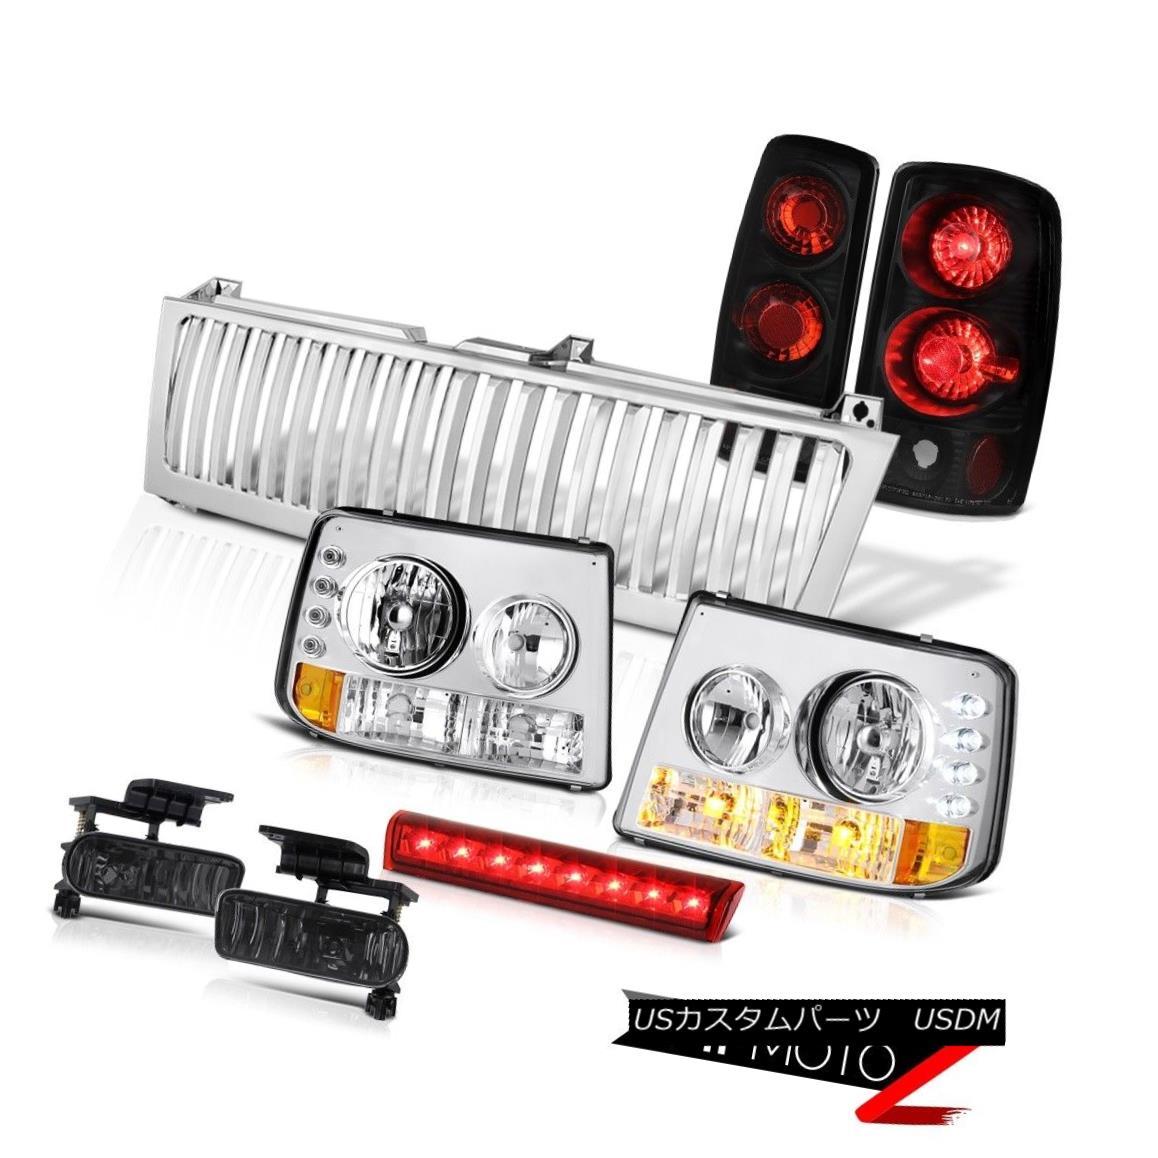 テールライト 00-06 Suburban 8.1L Signal Headlamps Tail Lights Black Fog High Brake LED Chrome 00-06郊外8.1LシグナルヘッドランプテールライトブラックフォッグハイブレーキLEDクロム